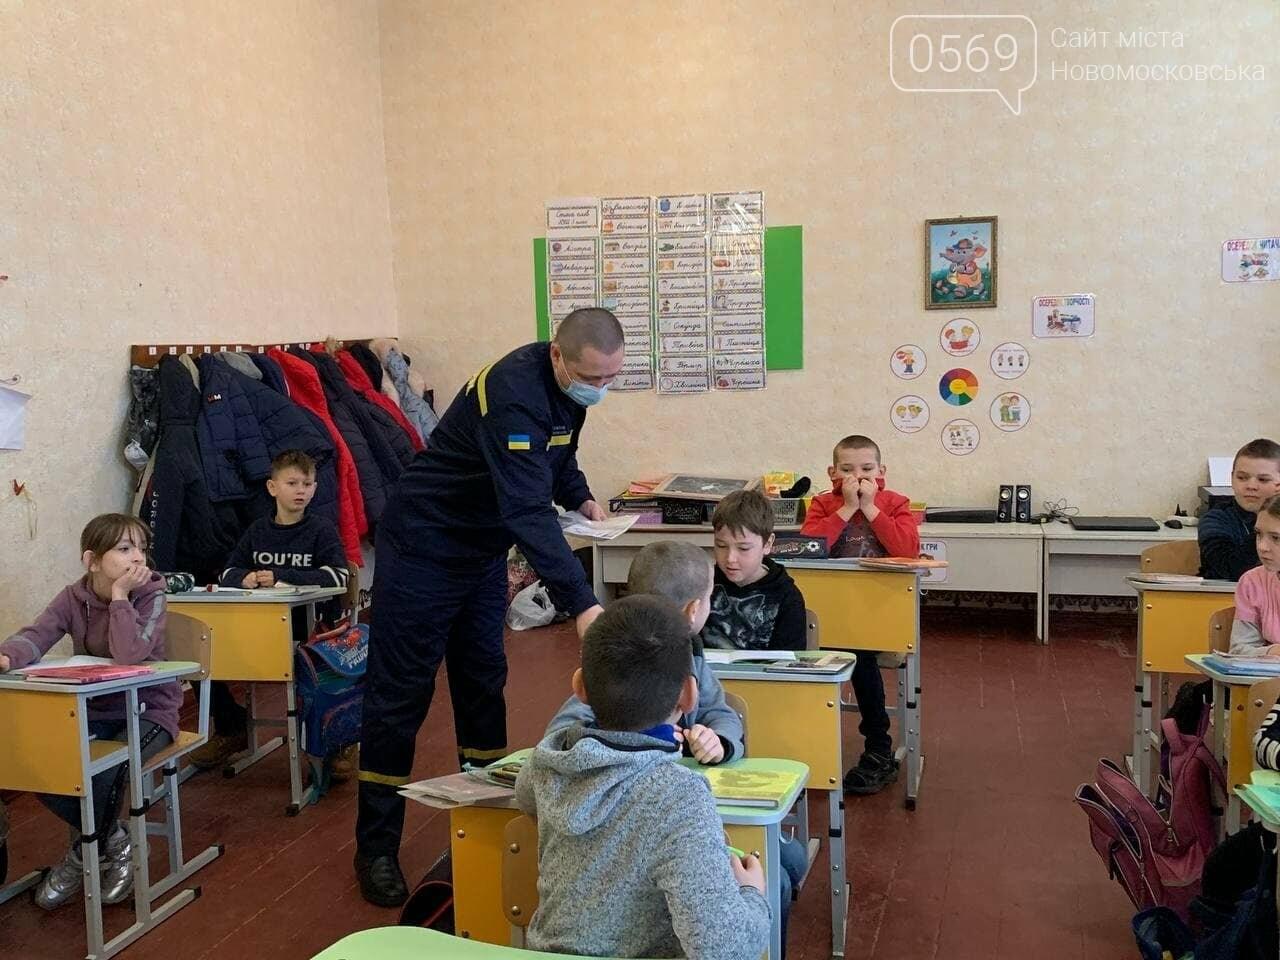 Надзвичайники Новомосковська навчали діток однієї з шкіл правилам безпеки, фото-1